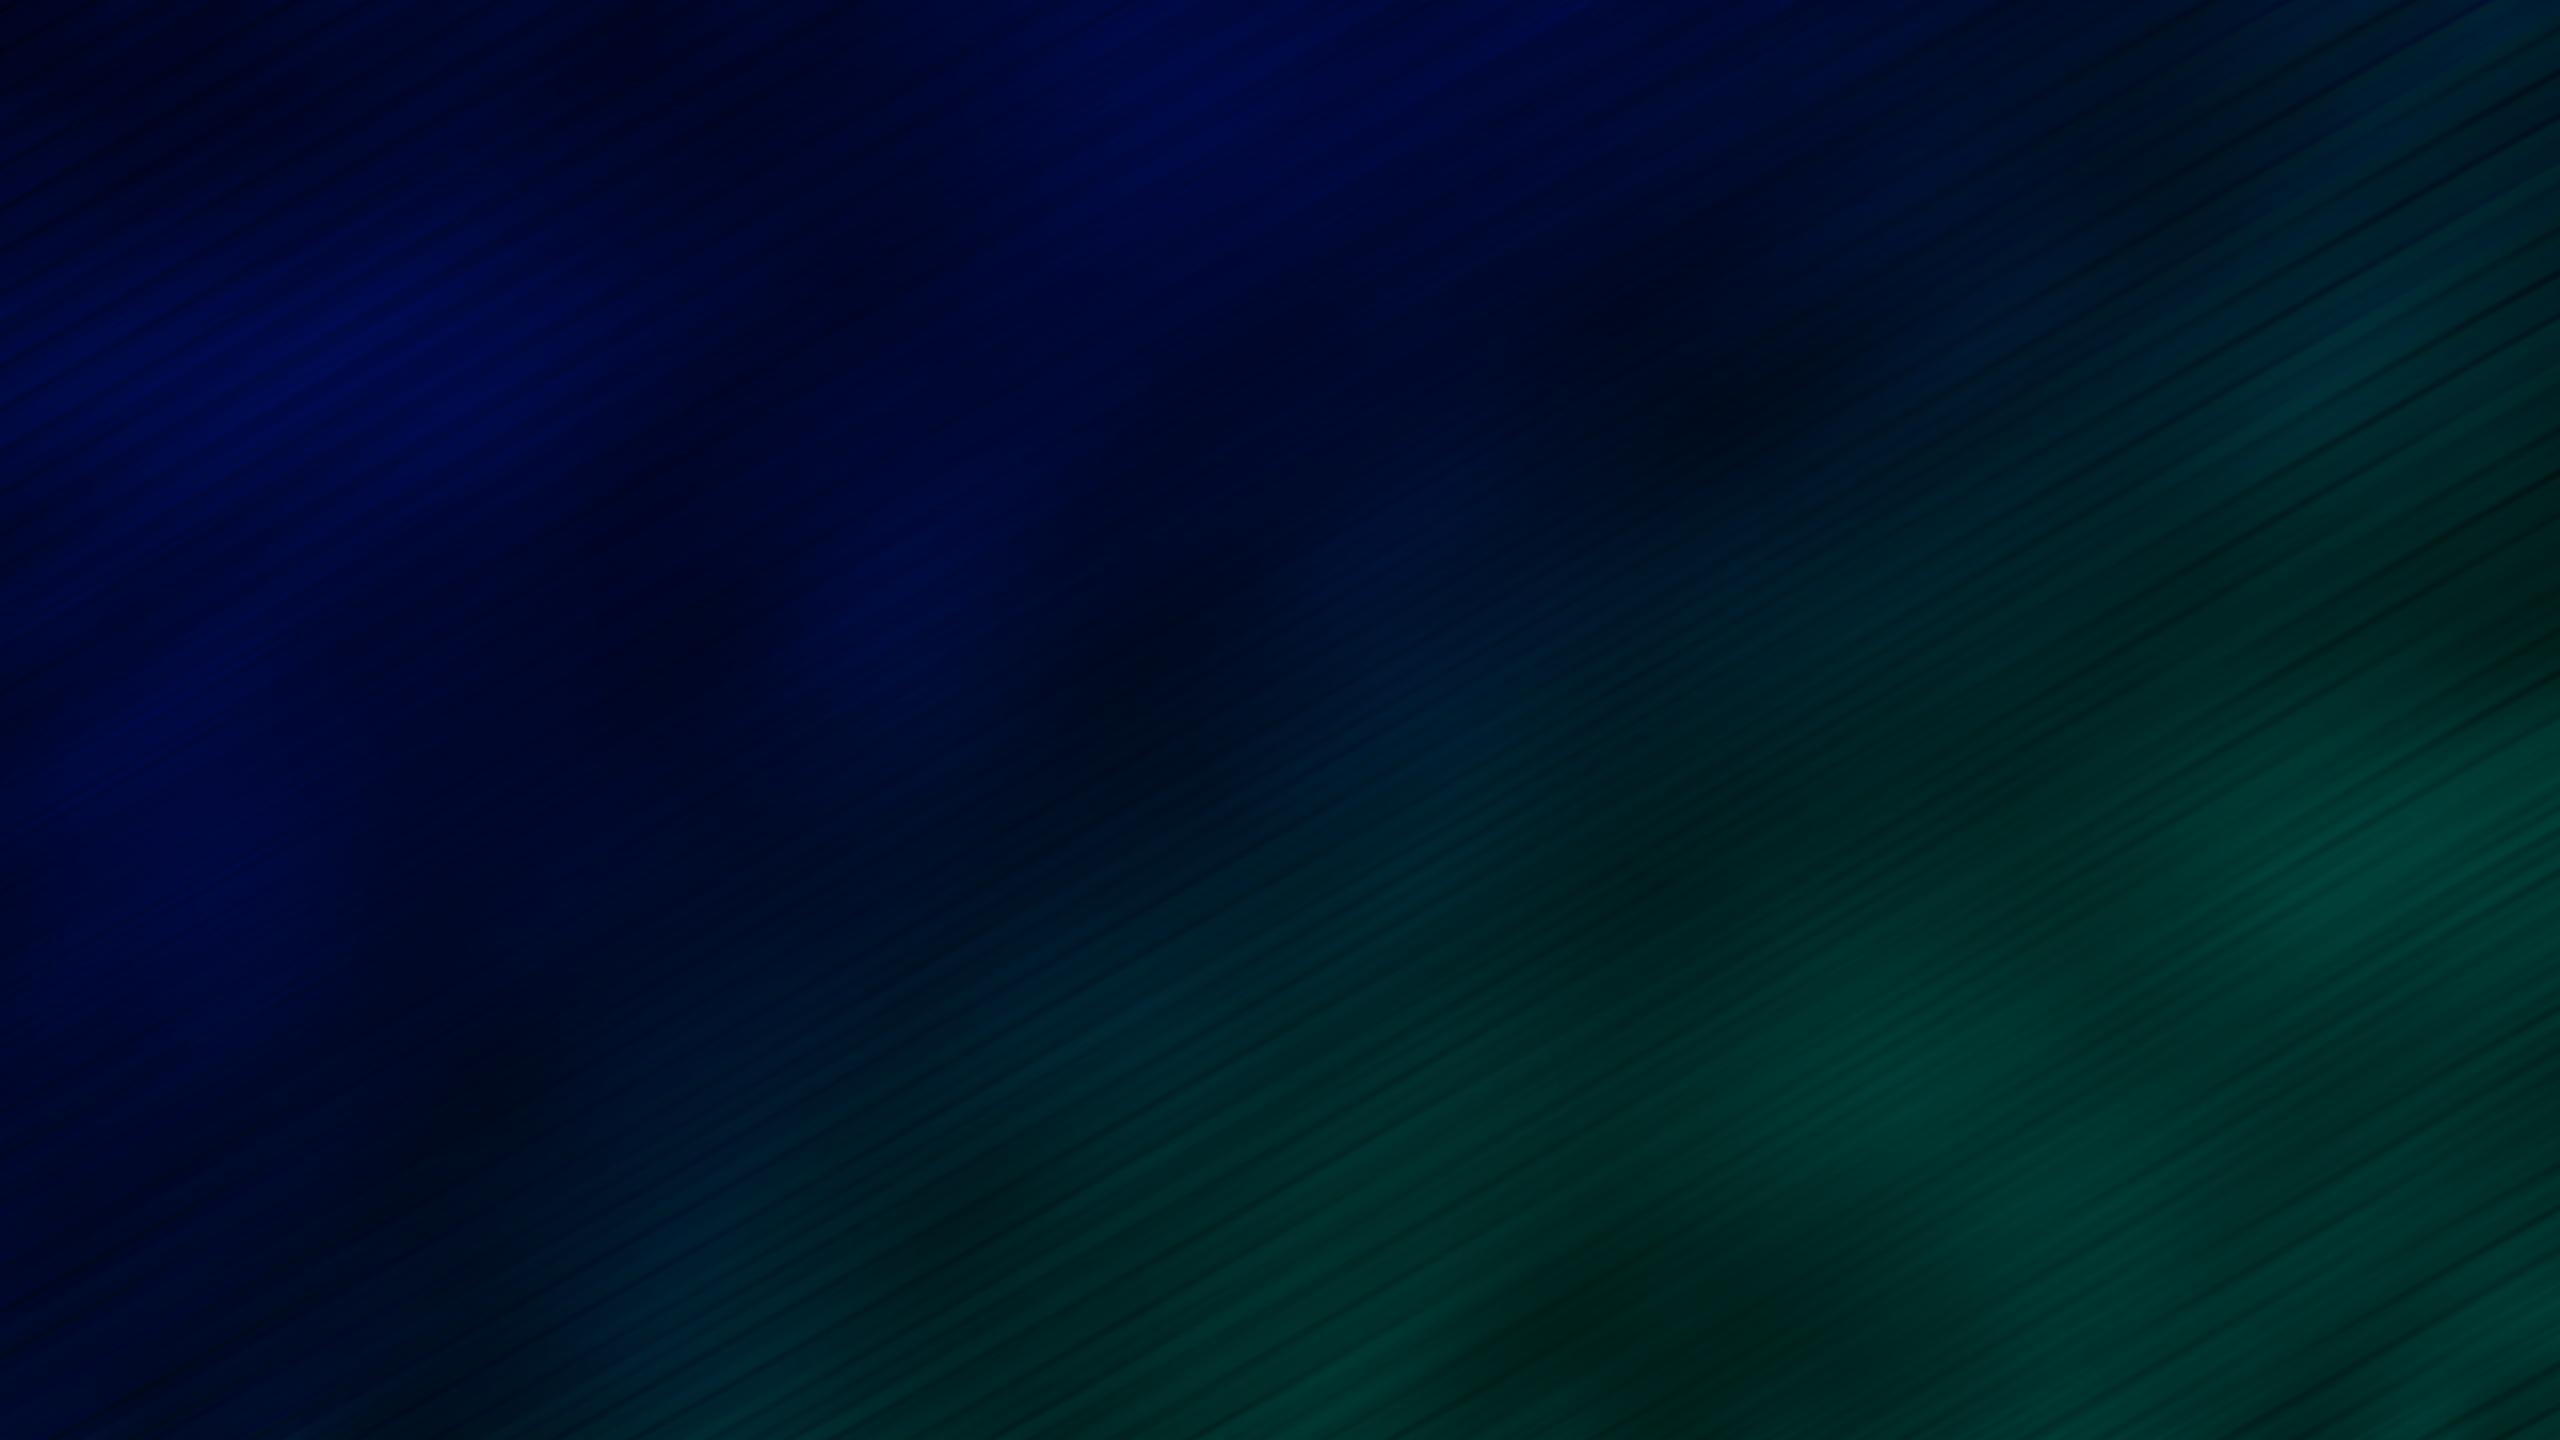 Fondos De Pantalla Vistoso Oscuro Cielo Azul